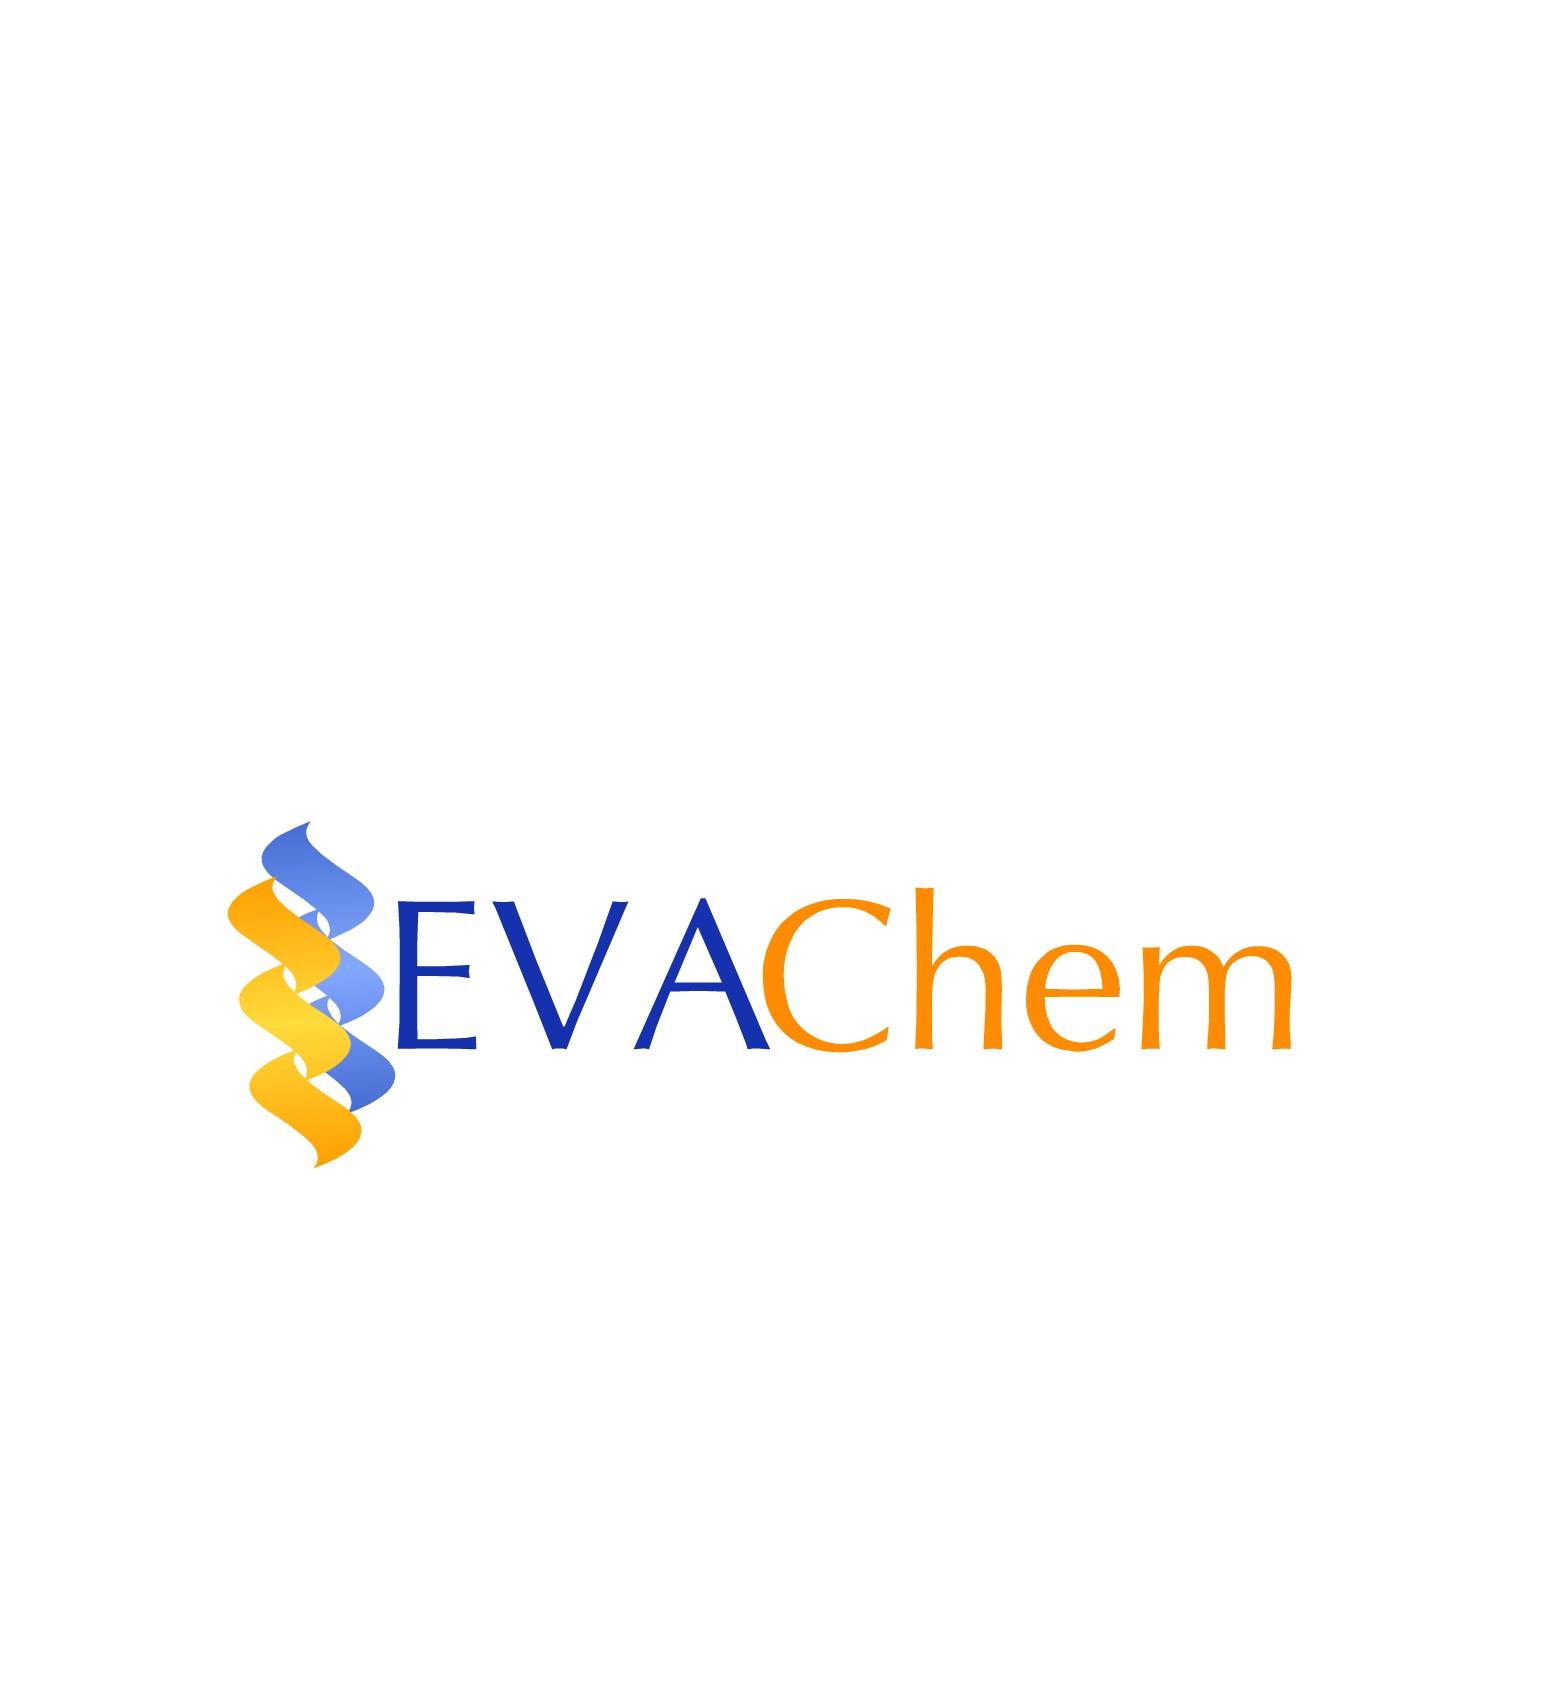 Разработка логотипа и фирменного стиля компании фото f_177571cb4efa8c63.jpg